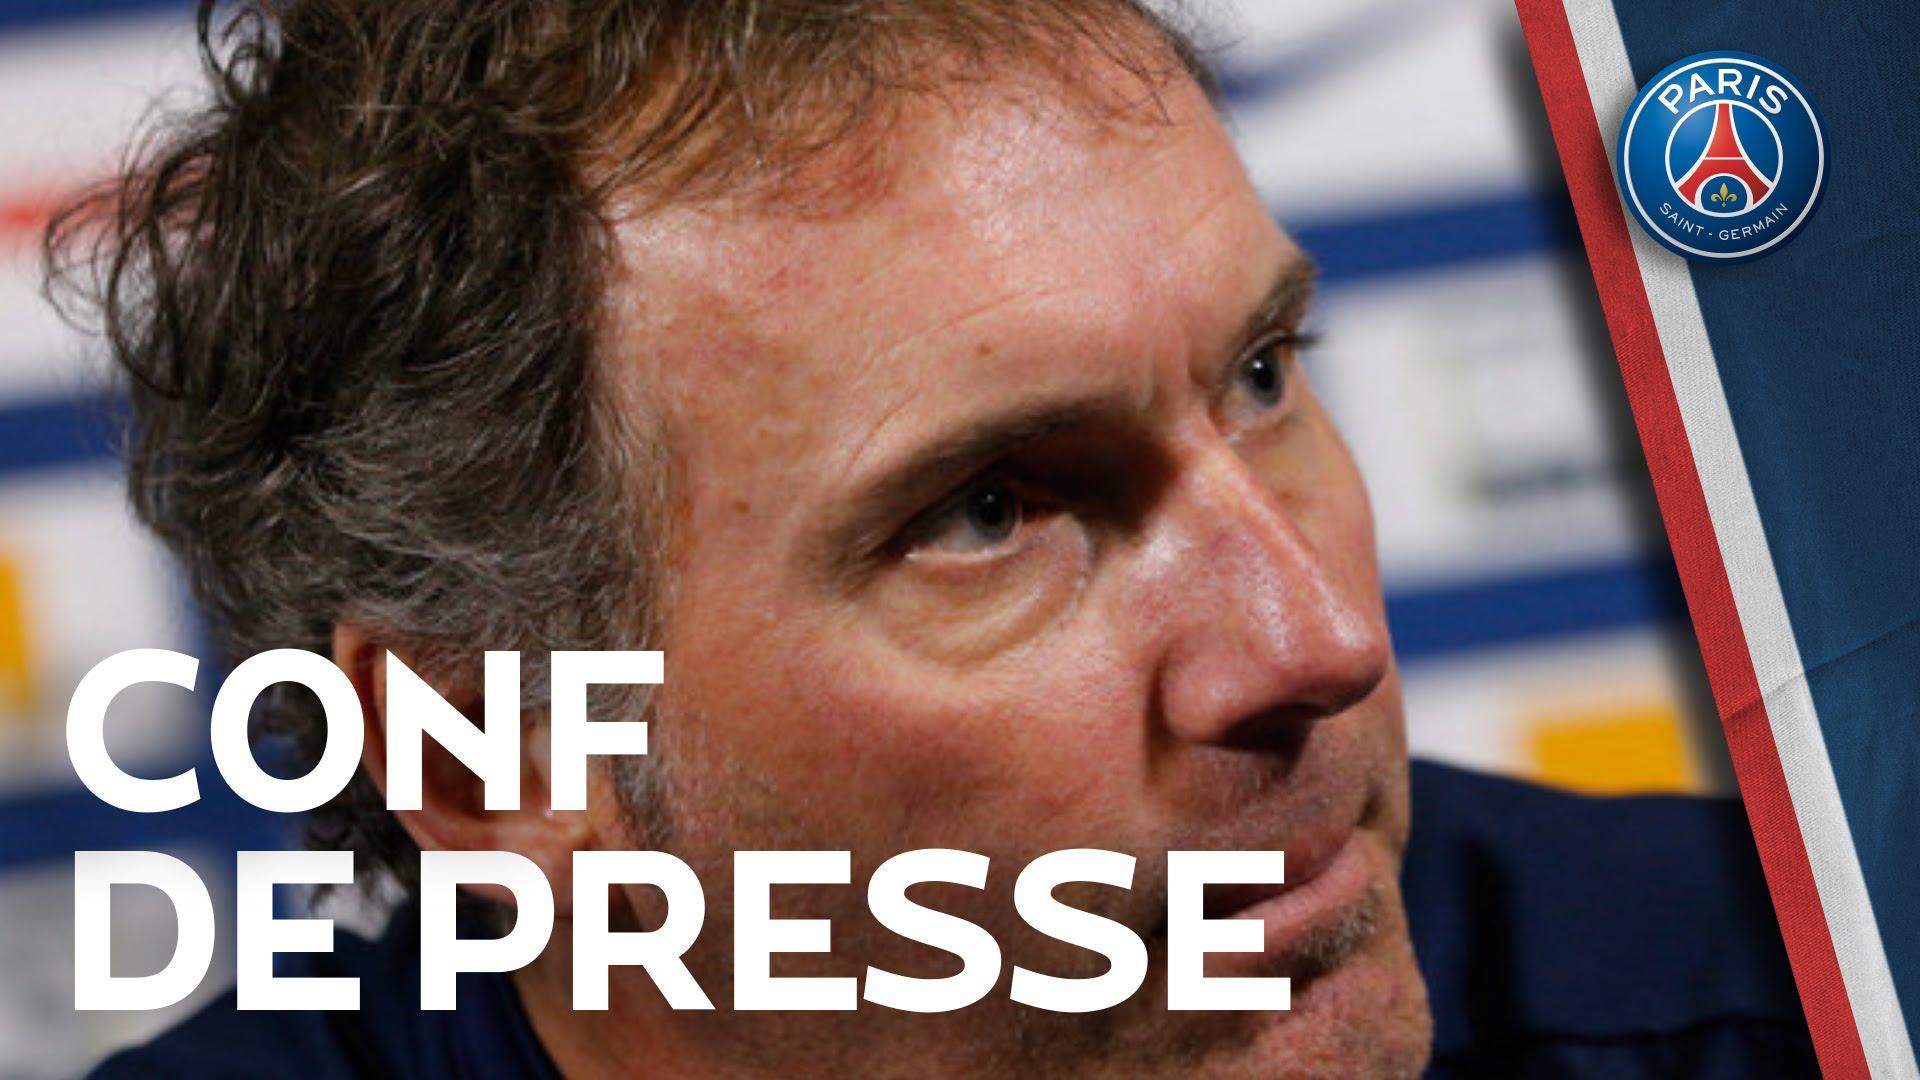 Conférence de presse Laurent Blanc et Lucas